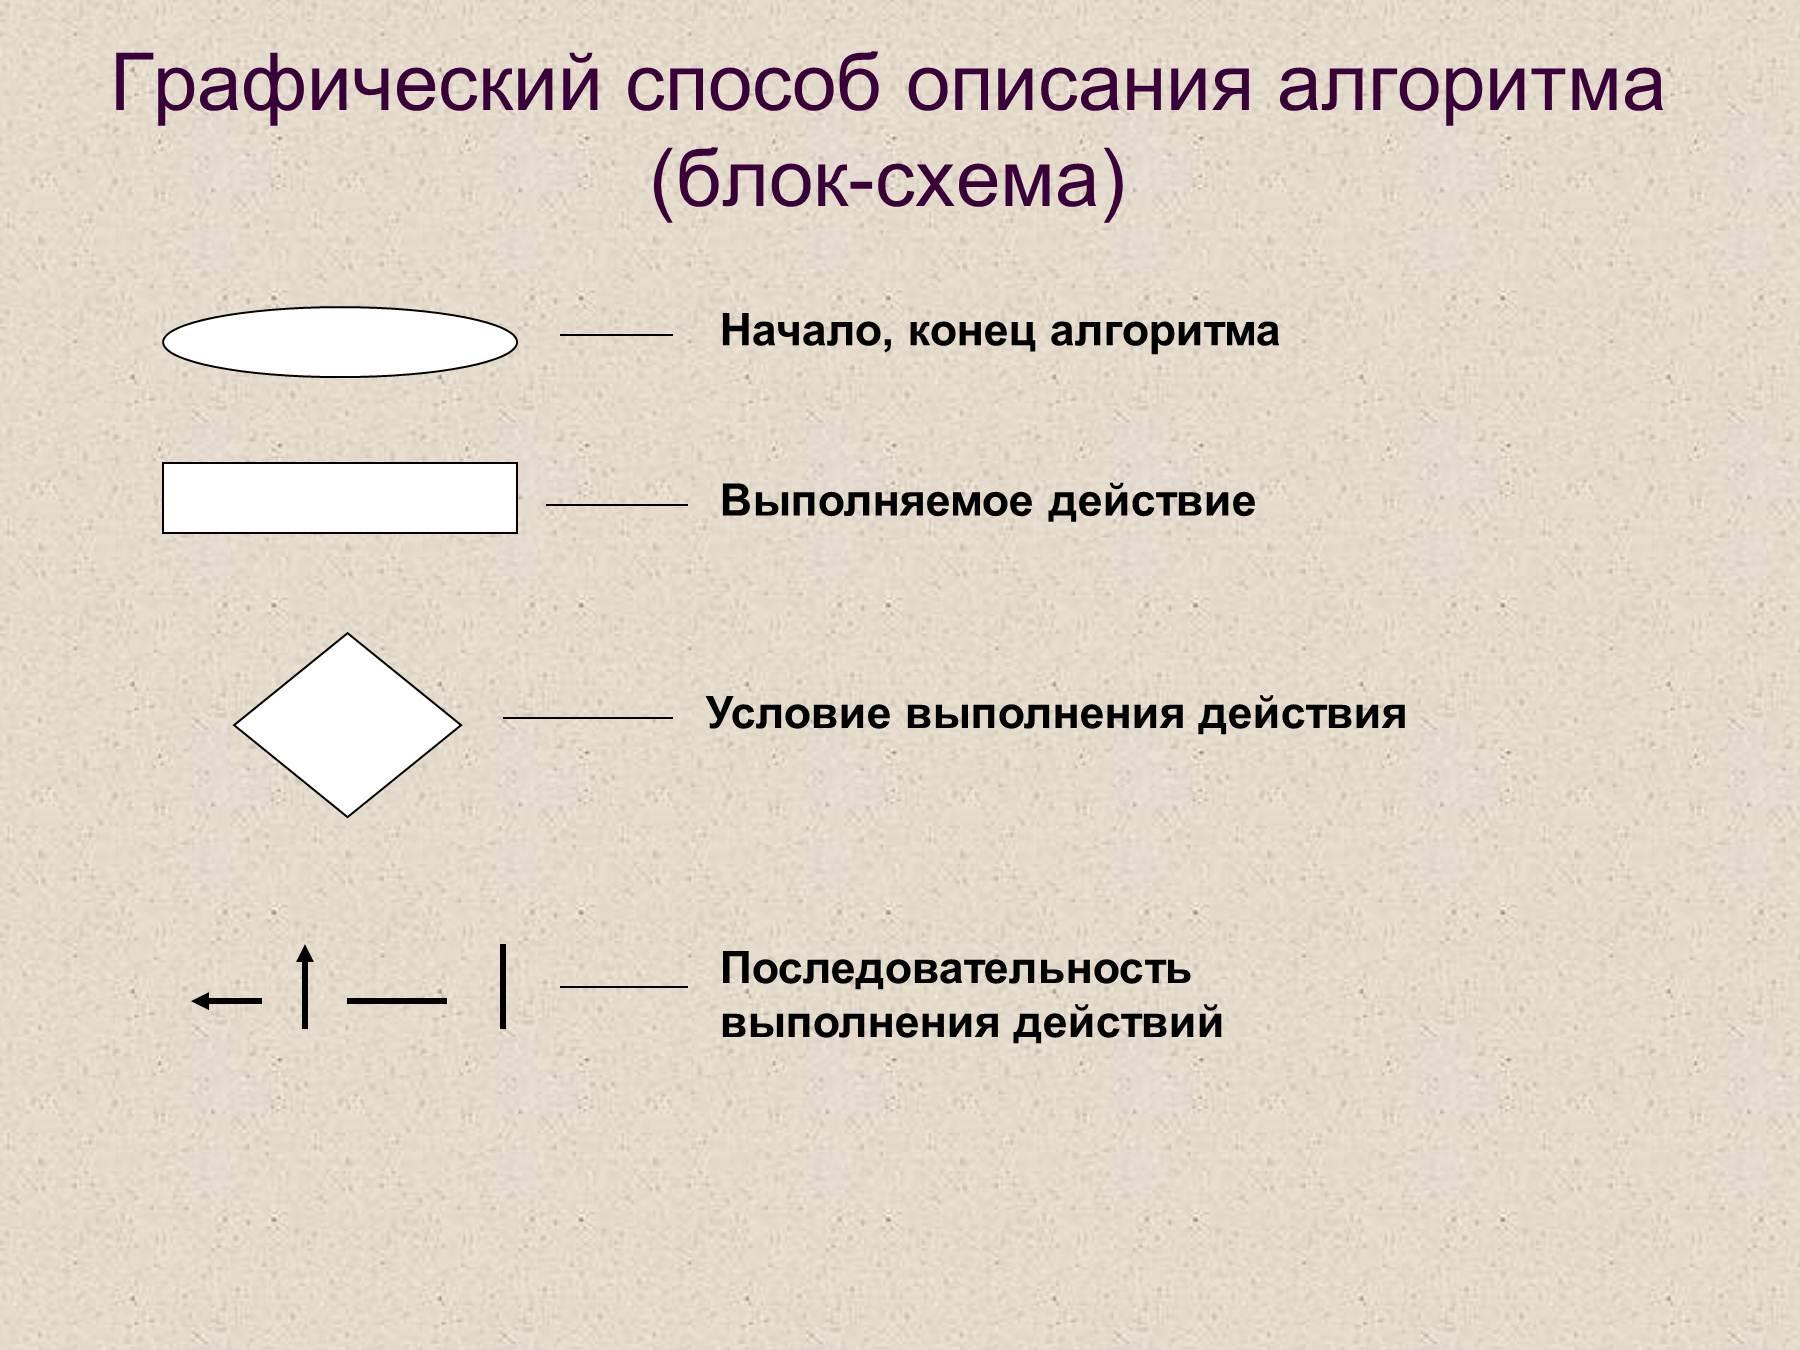 Способы записи алгоритмов блок схем